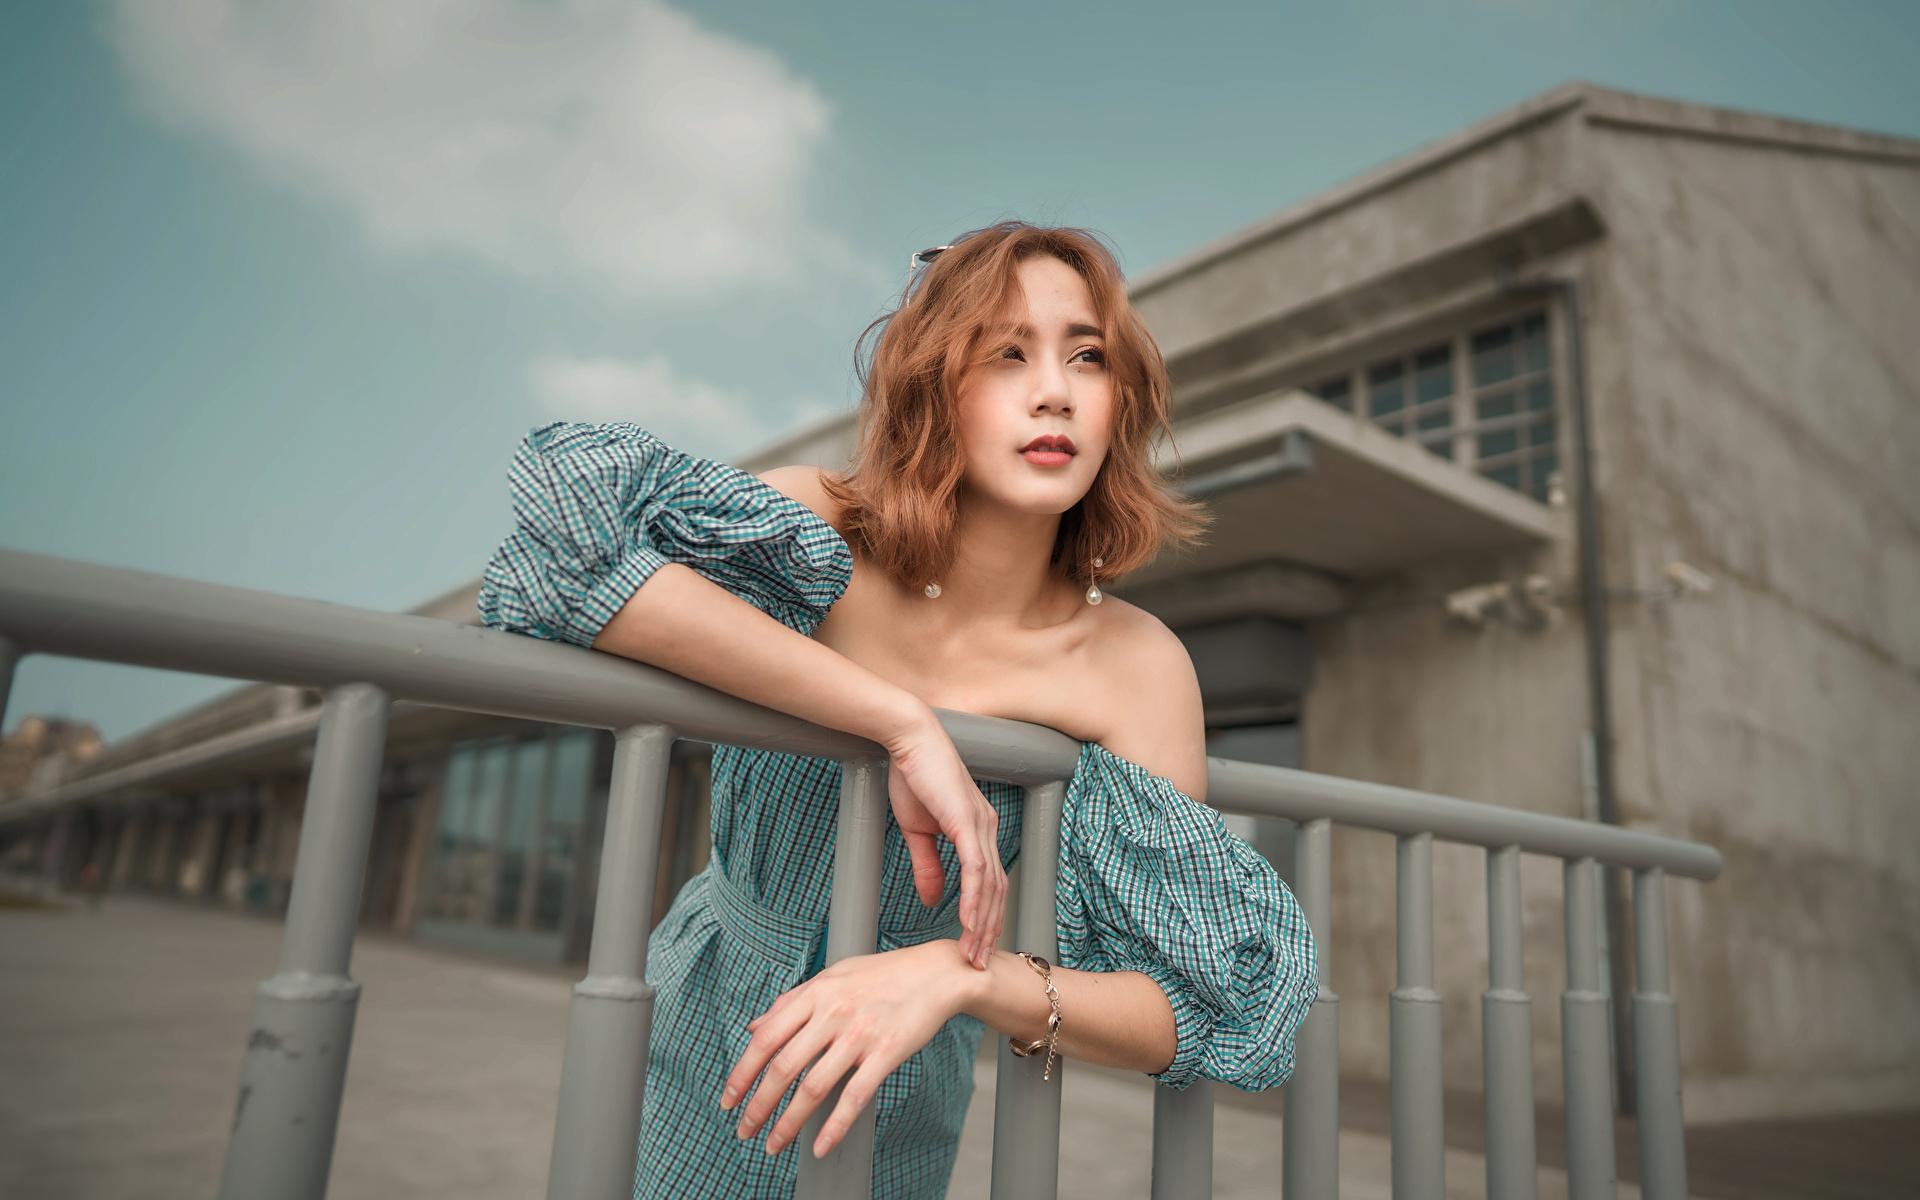 Tapety Szatenka pozować dziewczyna azjatycka Ręce Sukienka 1920x1200 brązowowłosa dziewczyna dziewczyna z brązowymi włosami Poza Dziewczyny młoda kobieta młode kobiety Azjaci